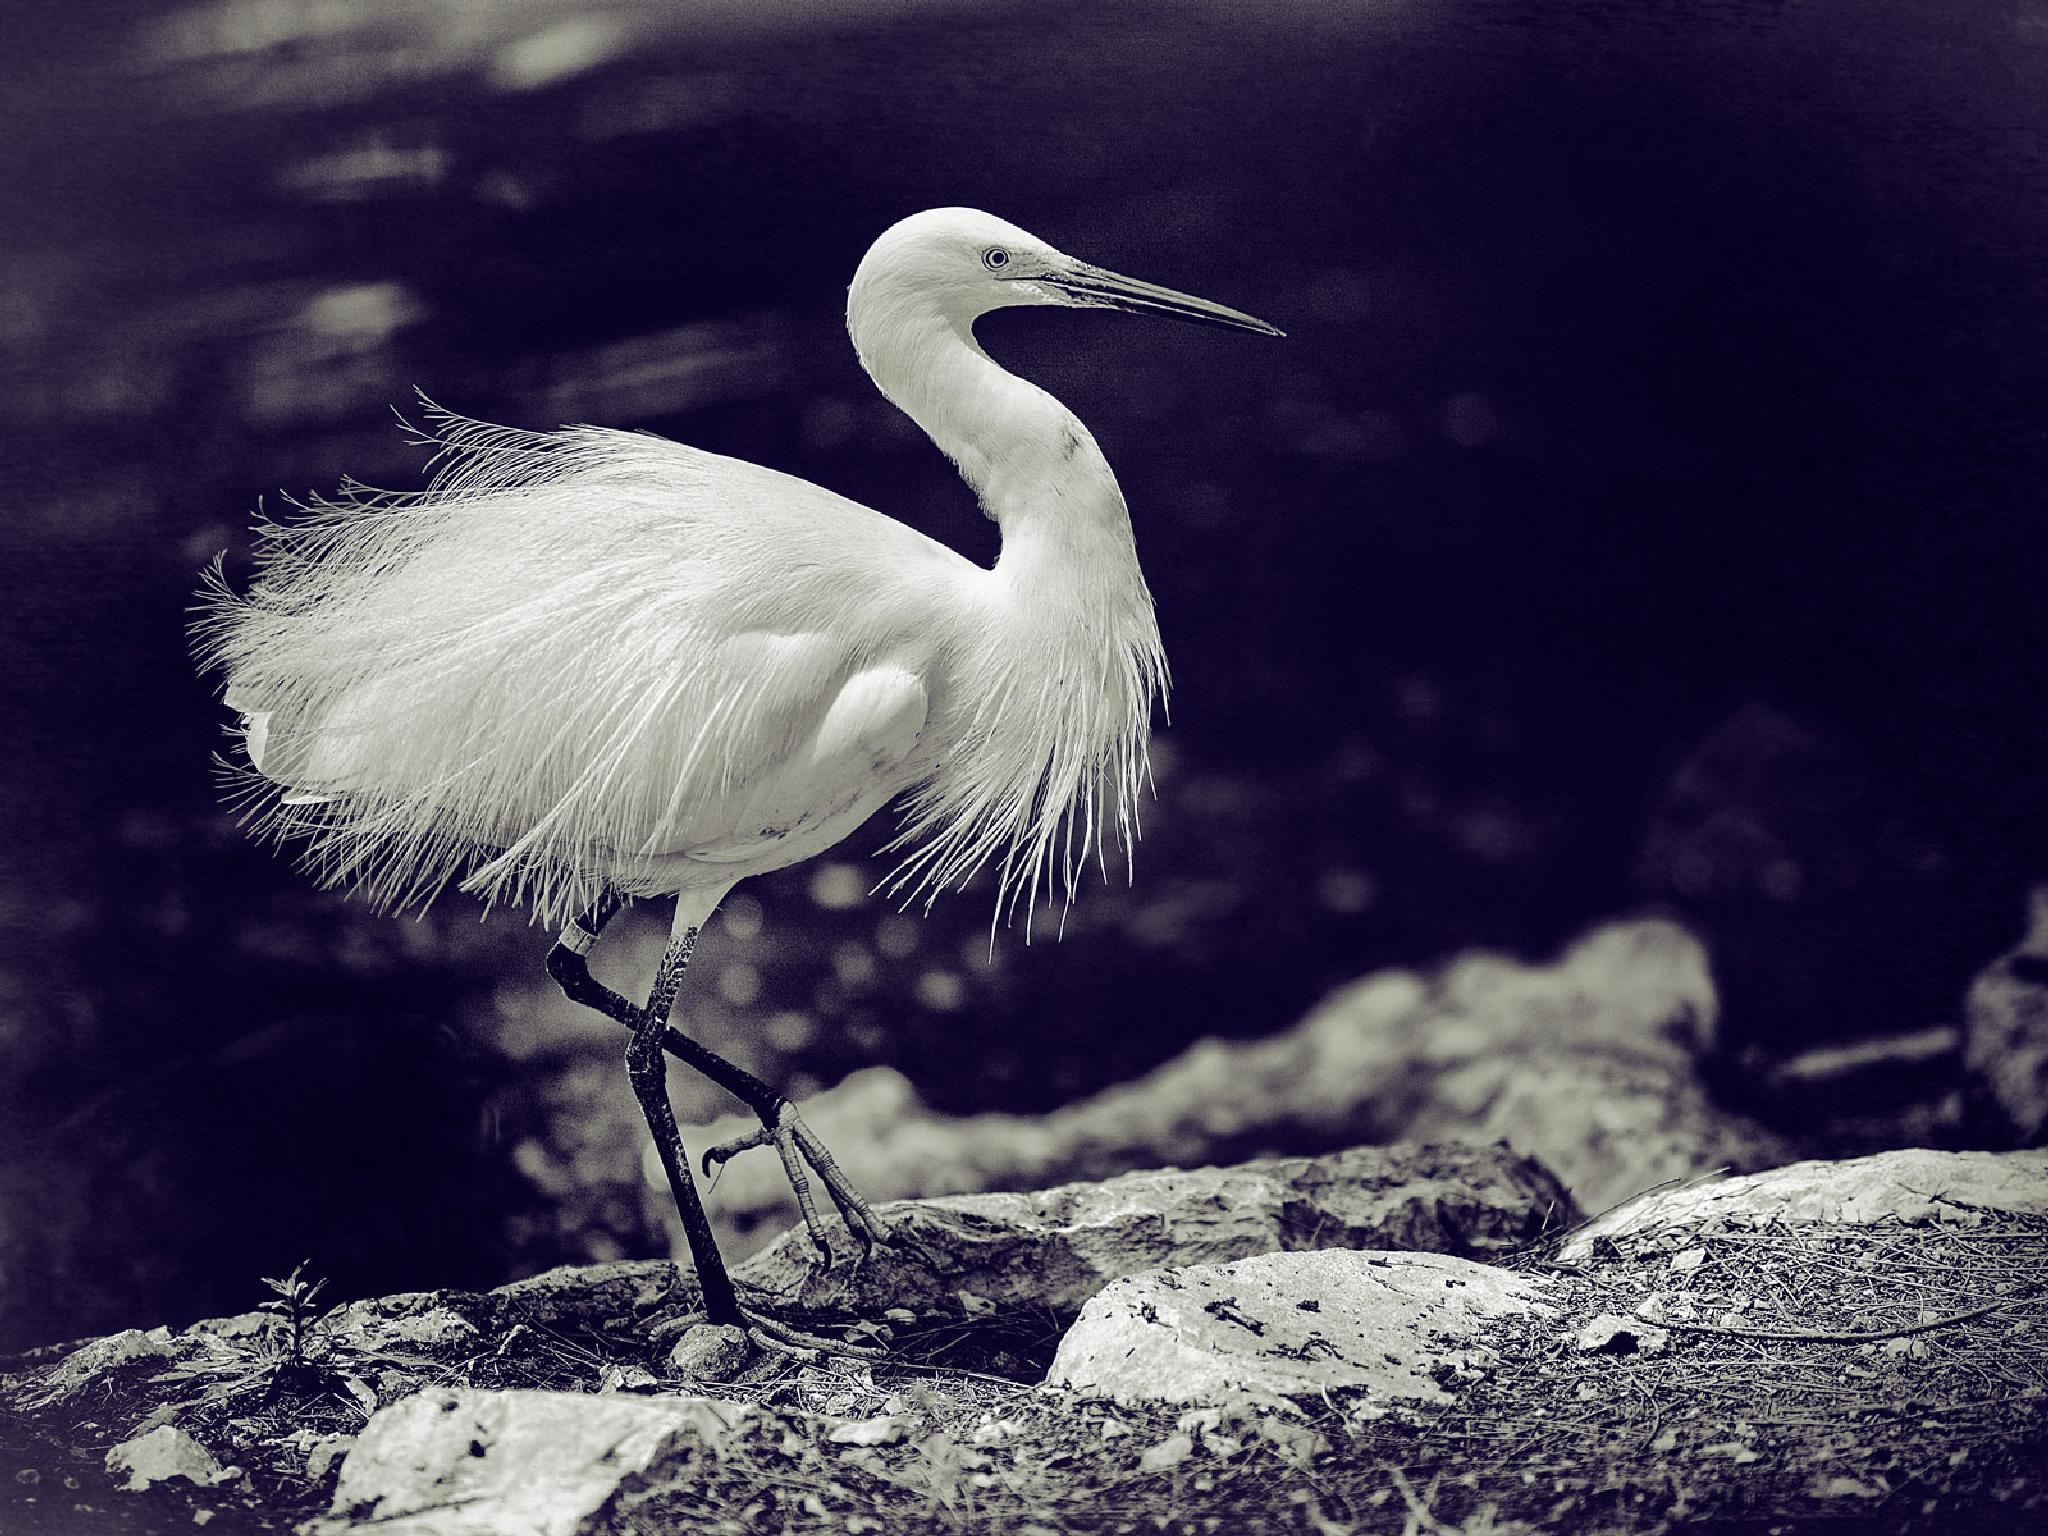 Little Egret by aron.gershon